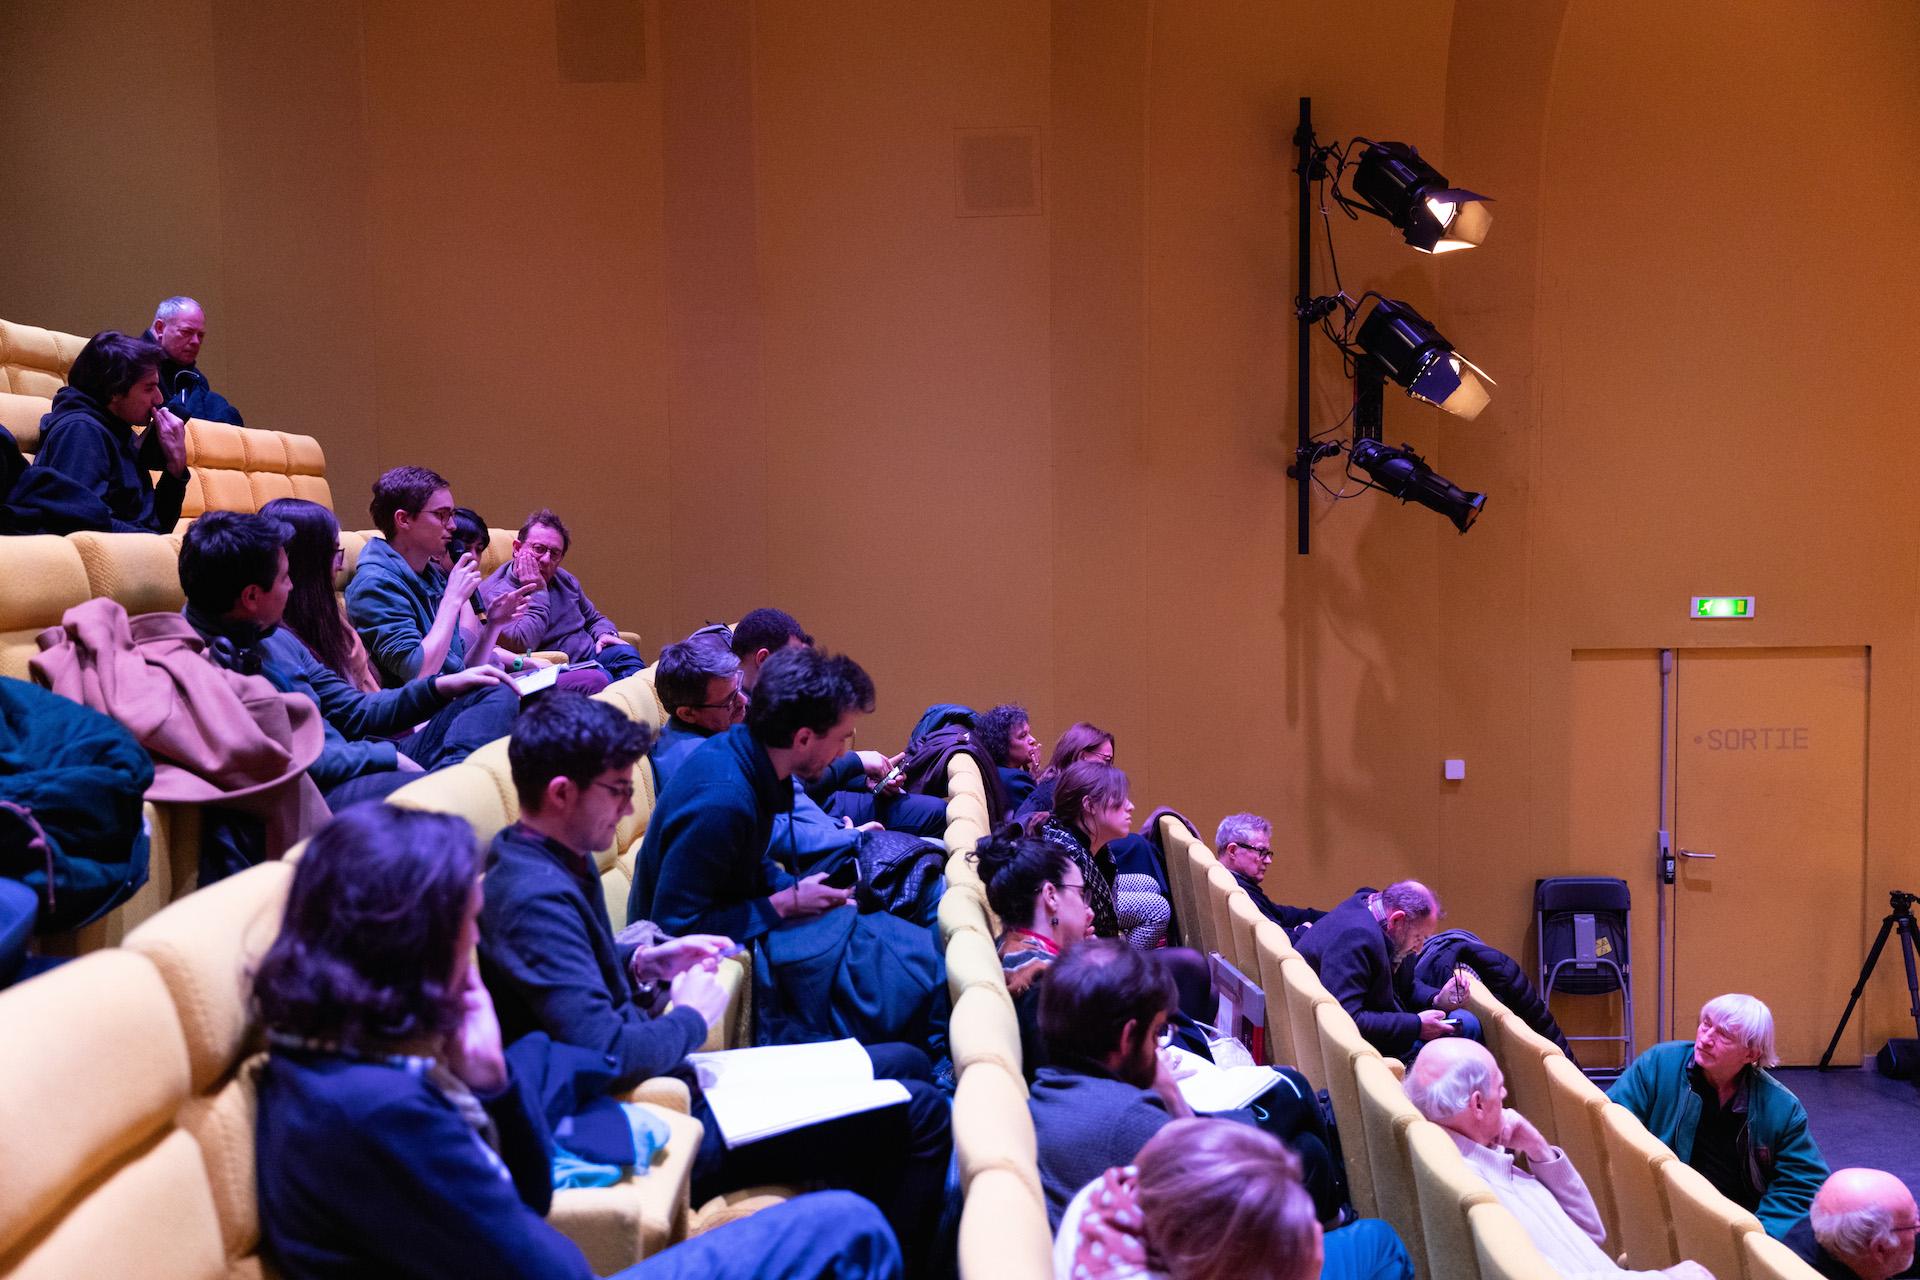 Le public de la conférence P&P2020 à la Gaîté Lyrique